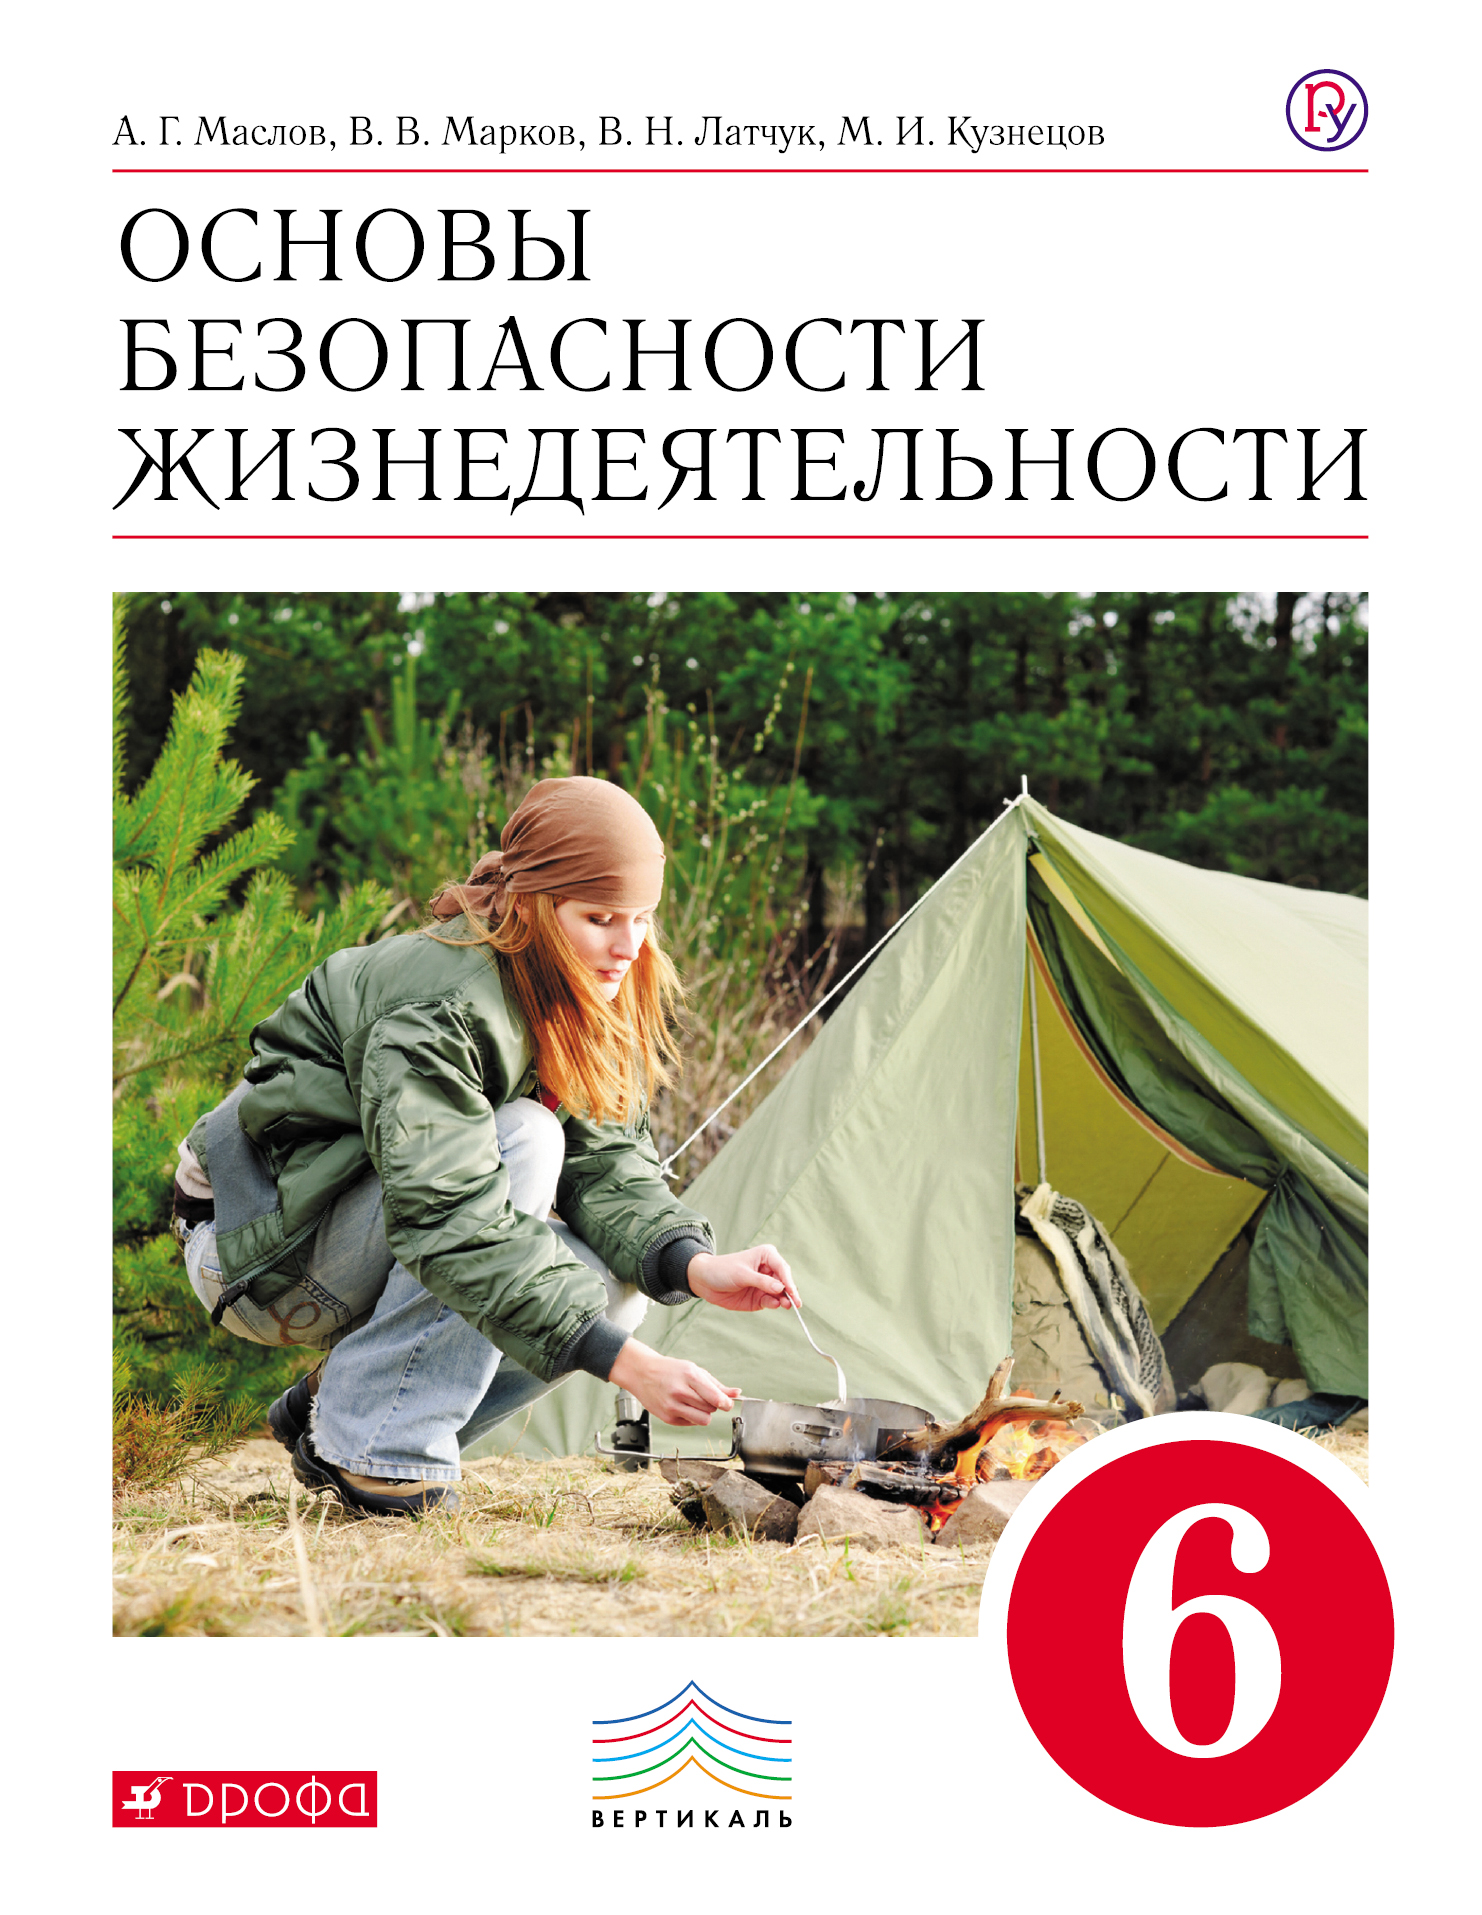 Учебник по обж а.г.маслов 6 класс скачать бесплатно